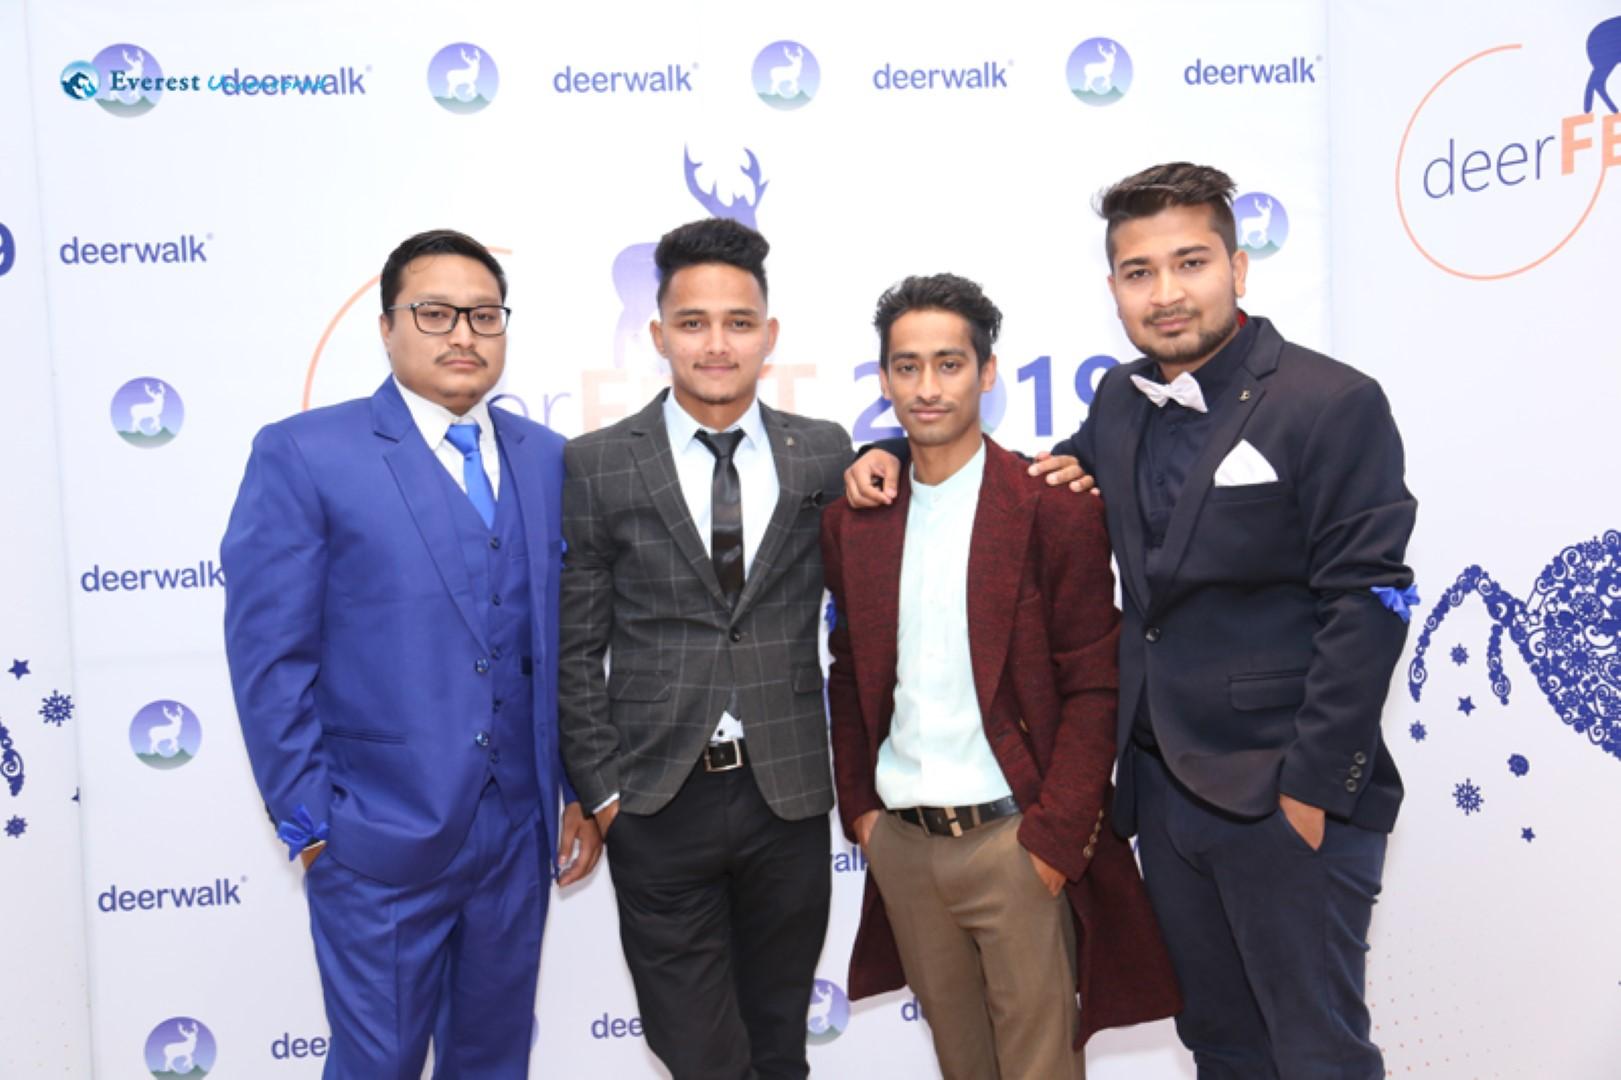 1 Suit Up, Gentlemen